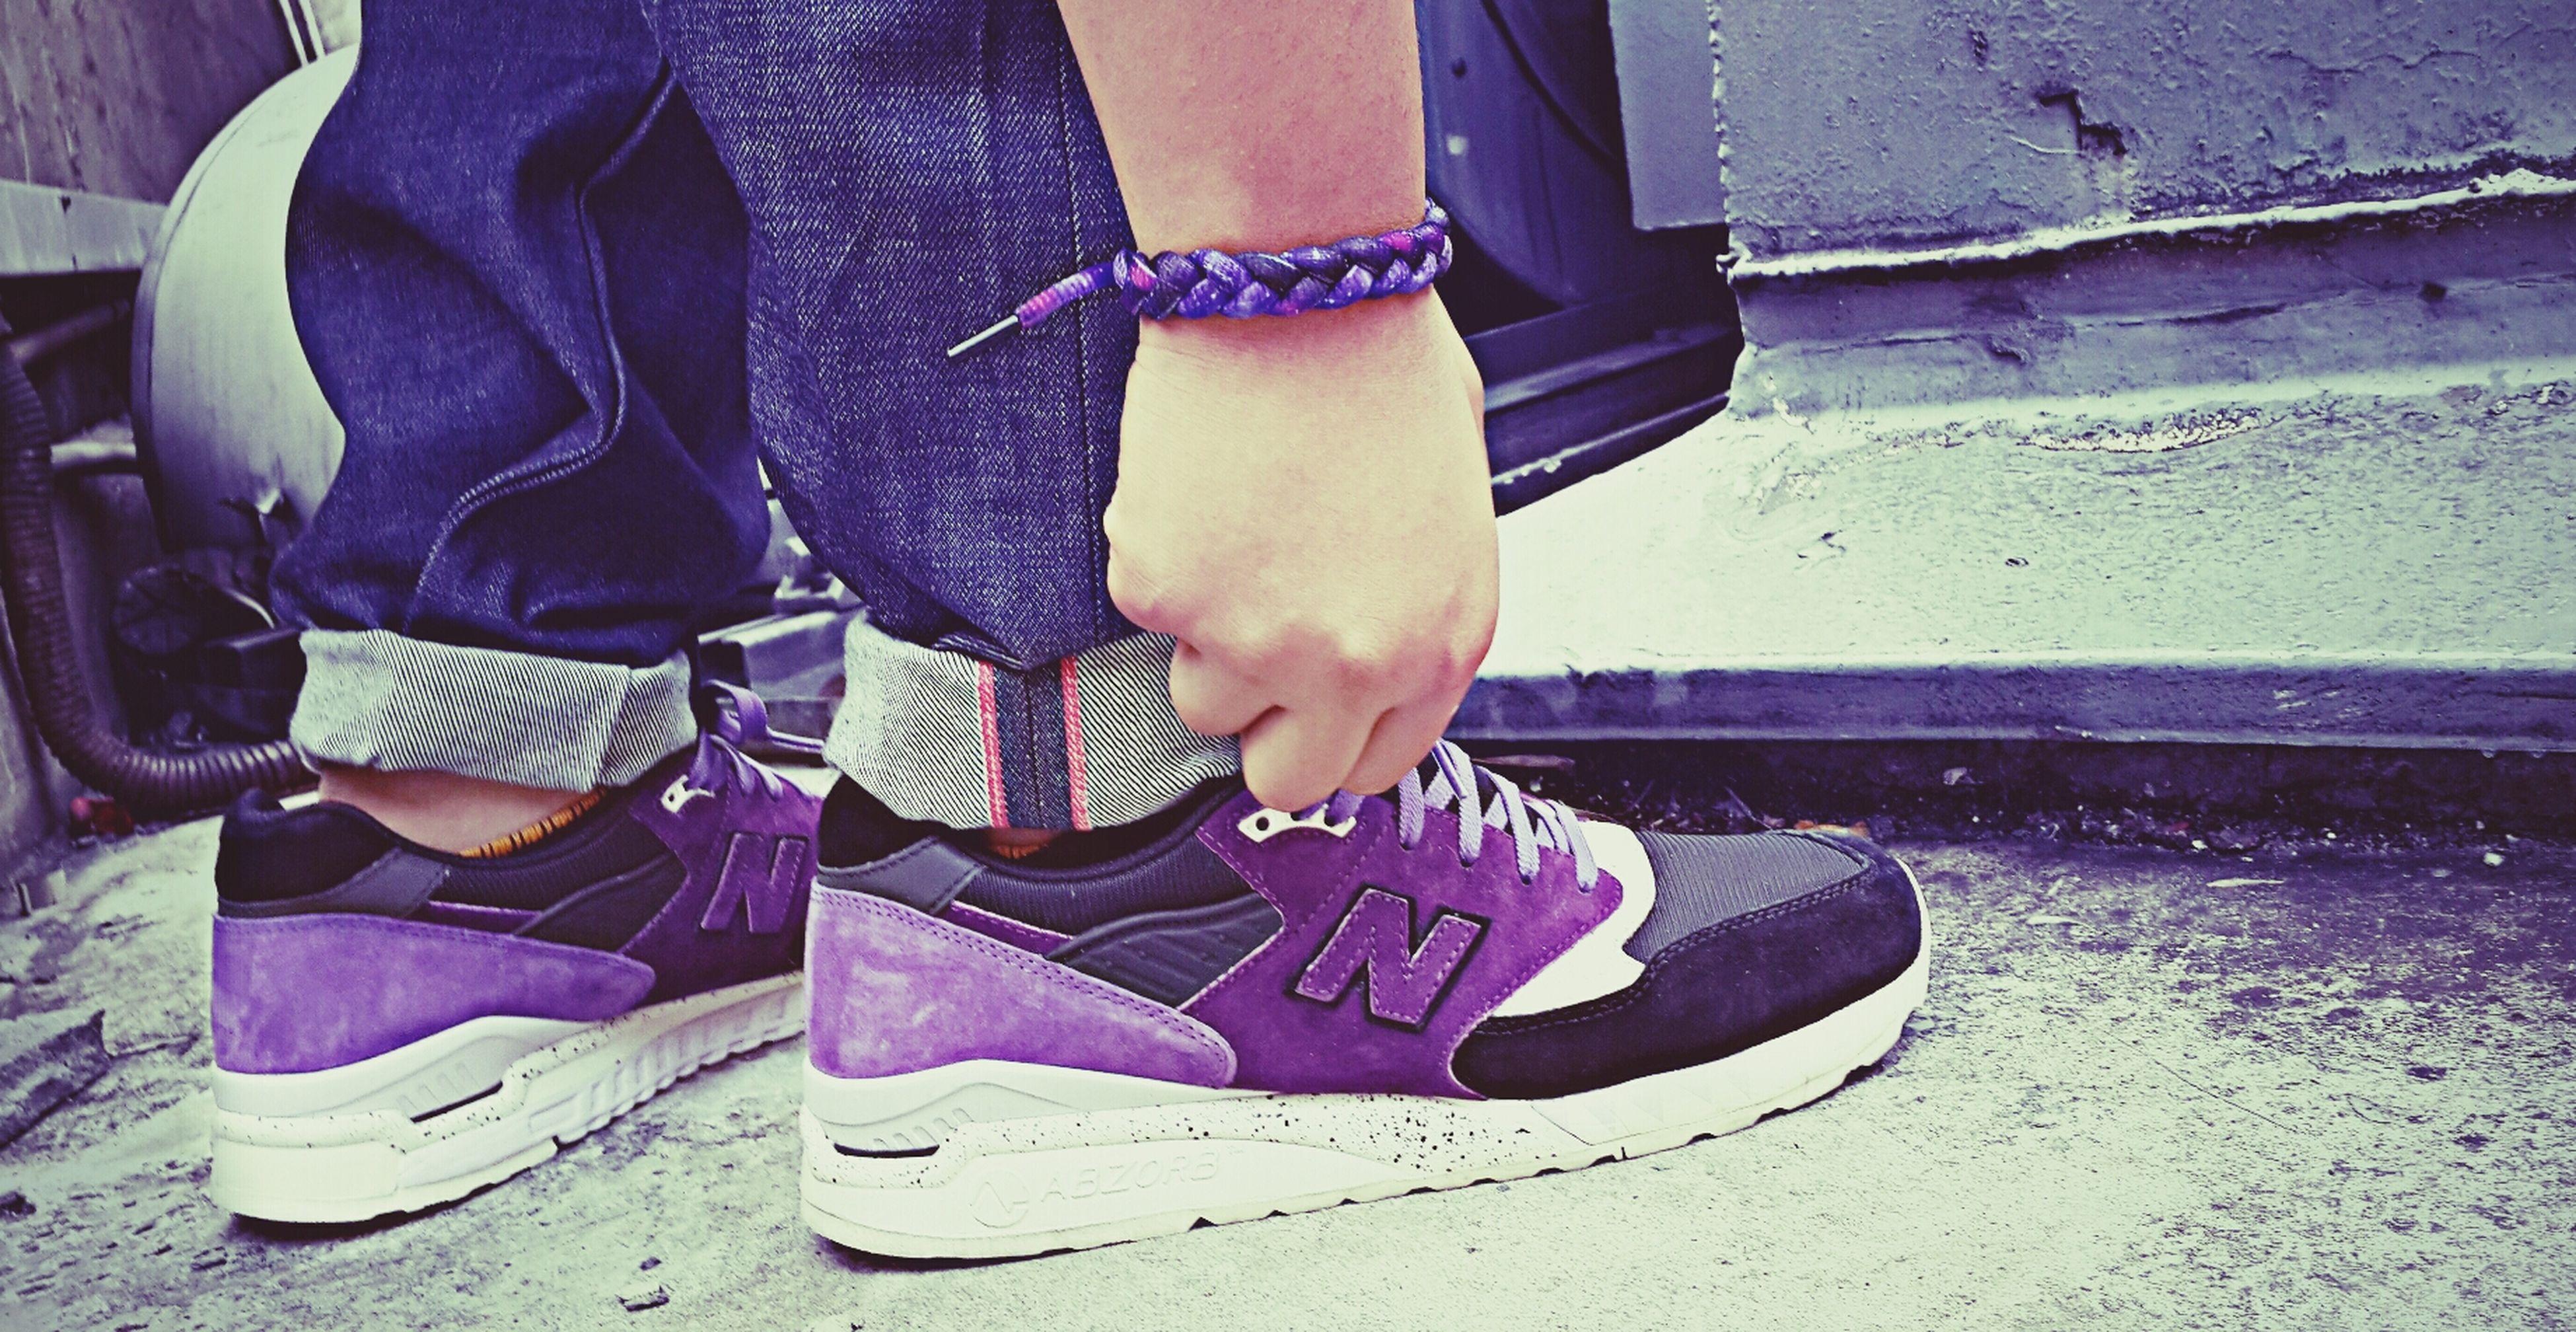 i dont care . ilove it